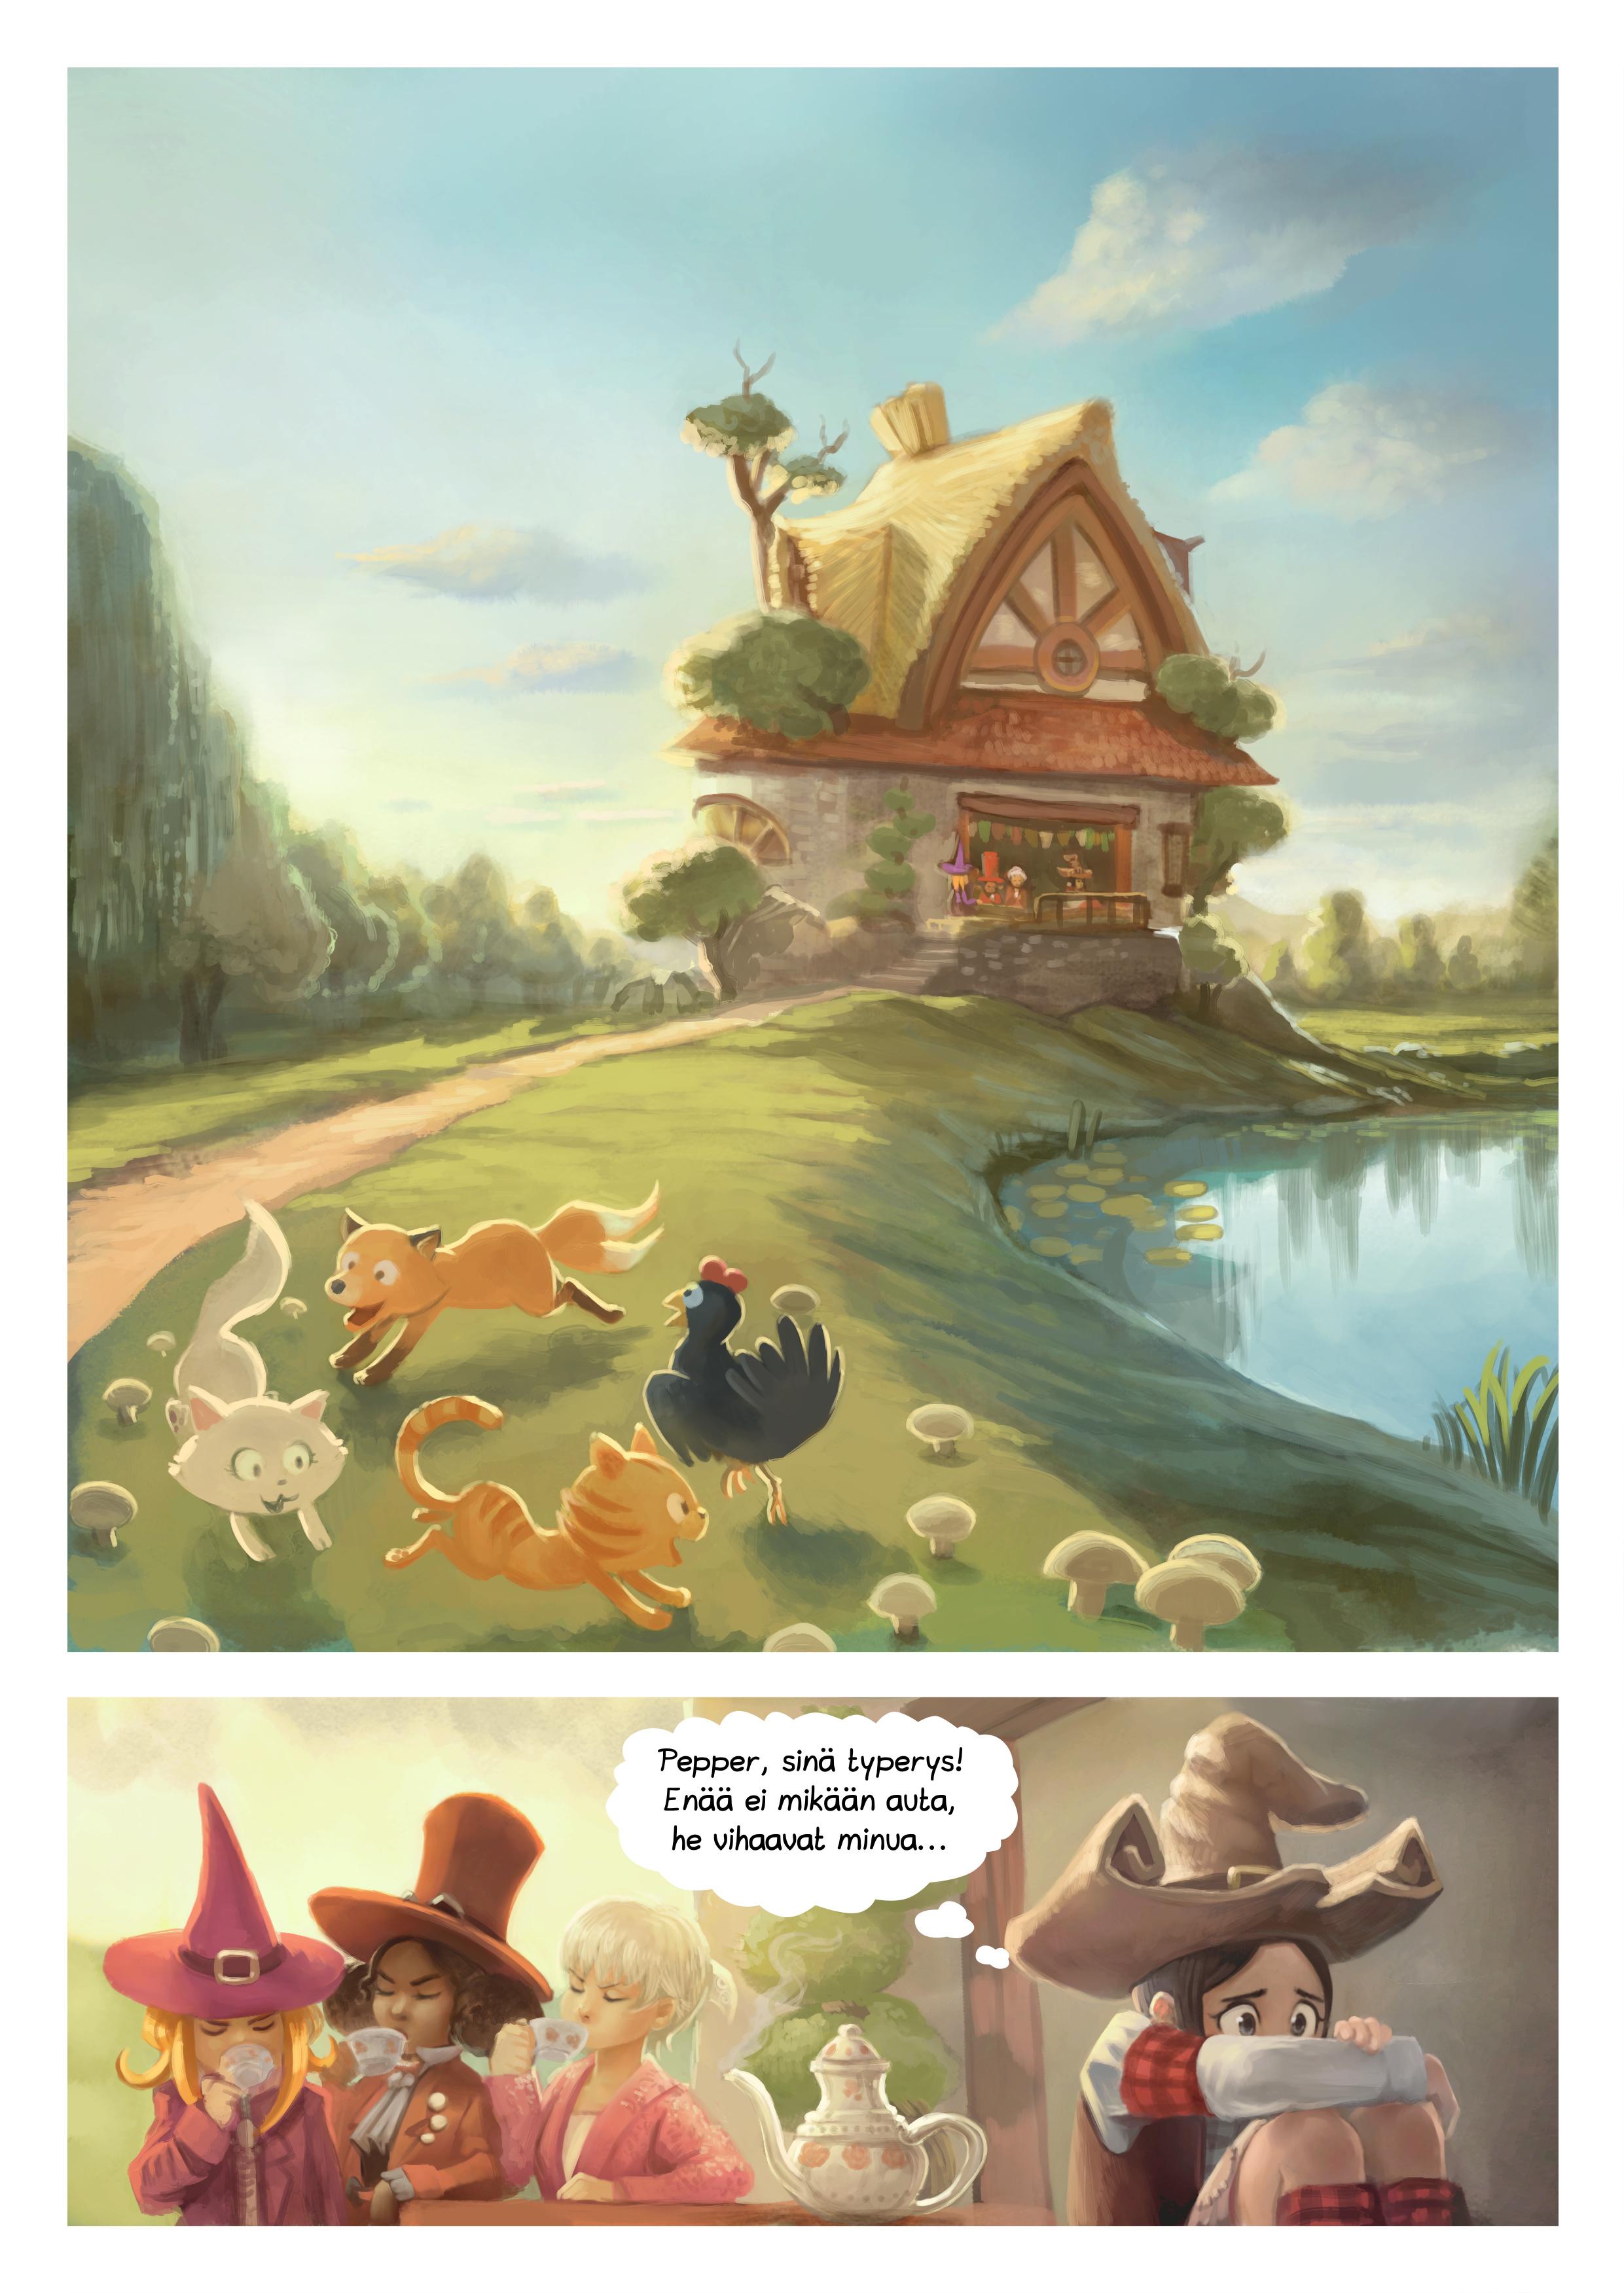 Episodi 9: Parannuskeino, Page 3